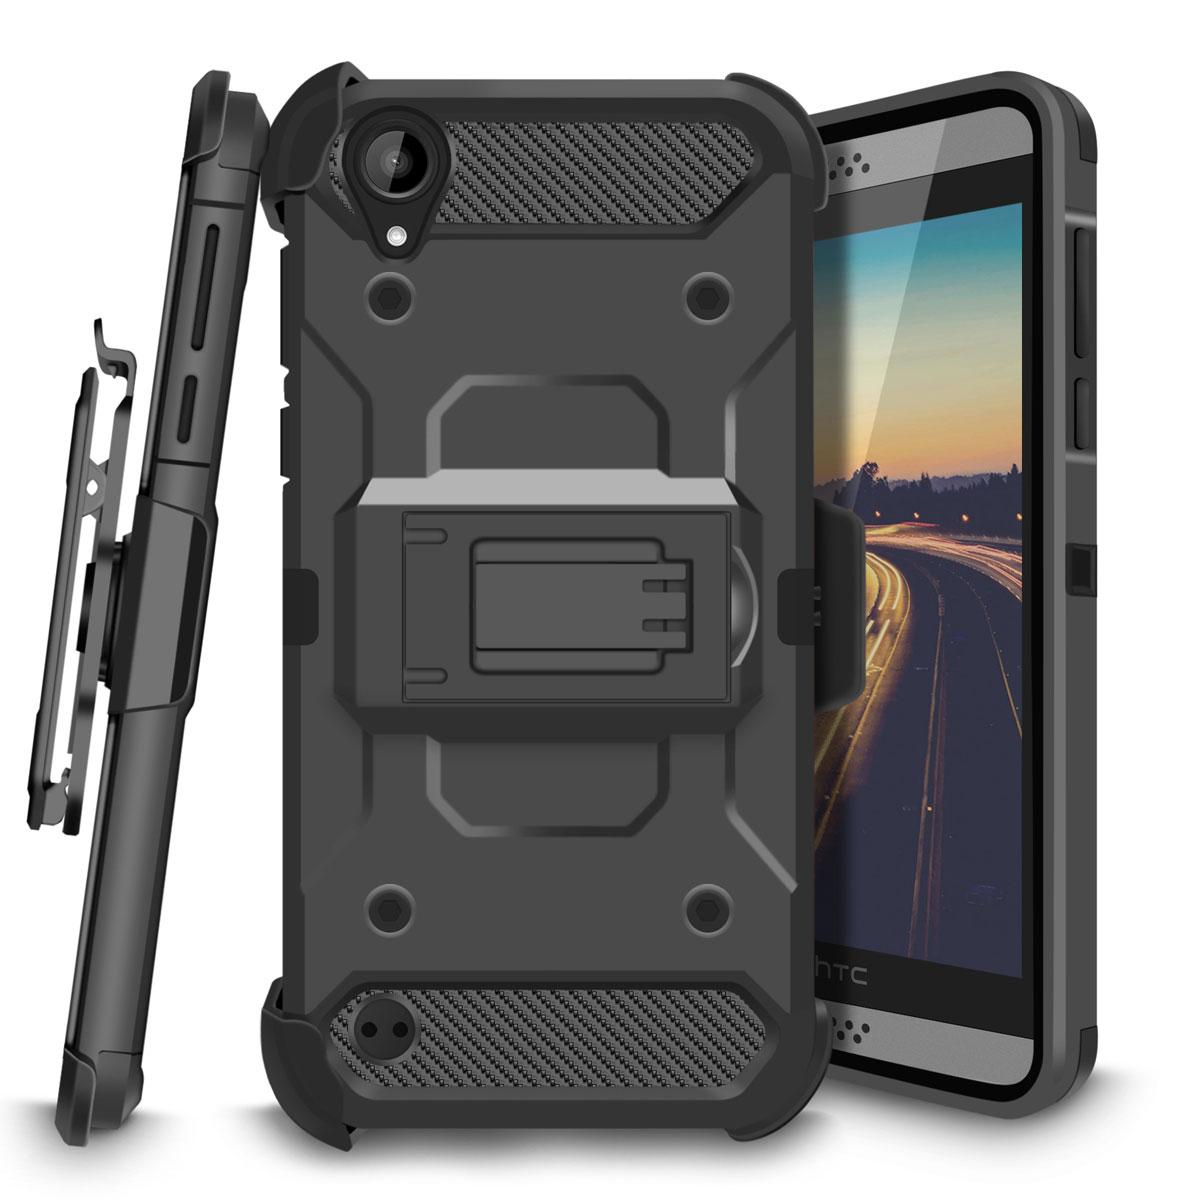 HTC-530-TGH-AMR-HLST-BK-2